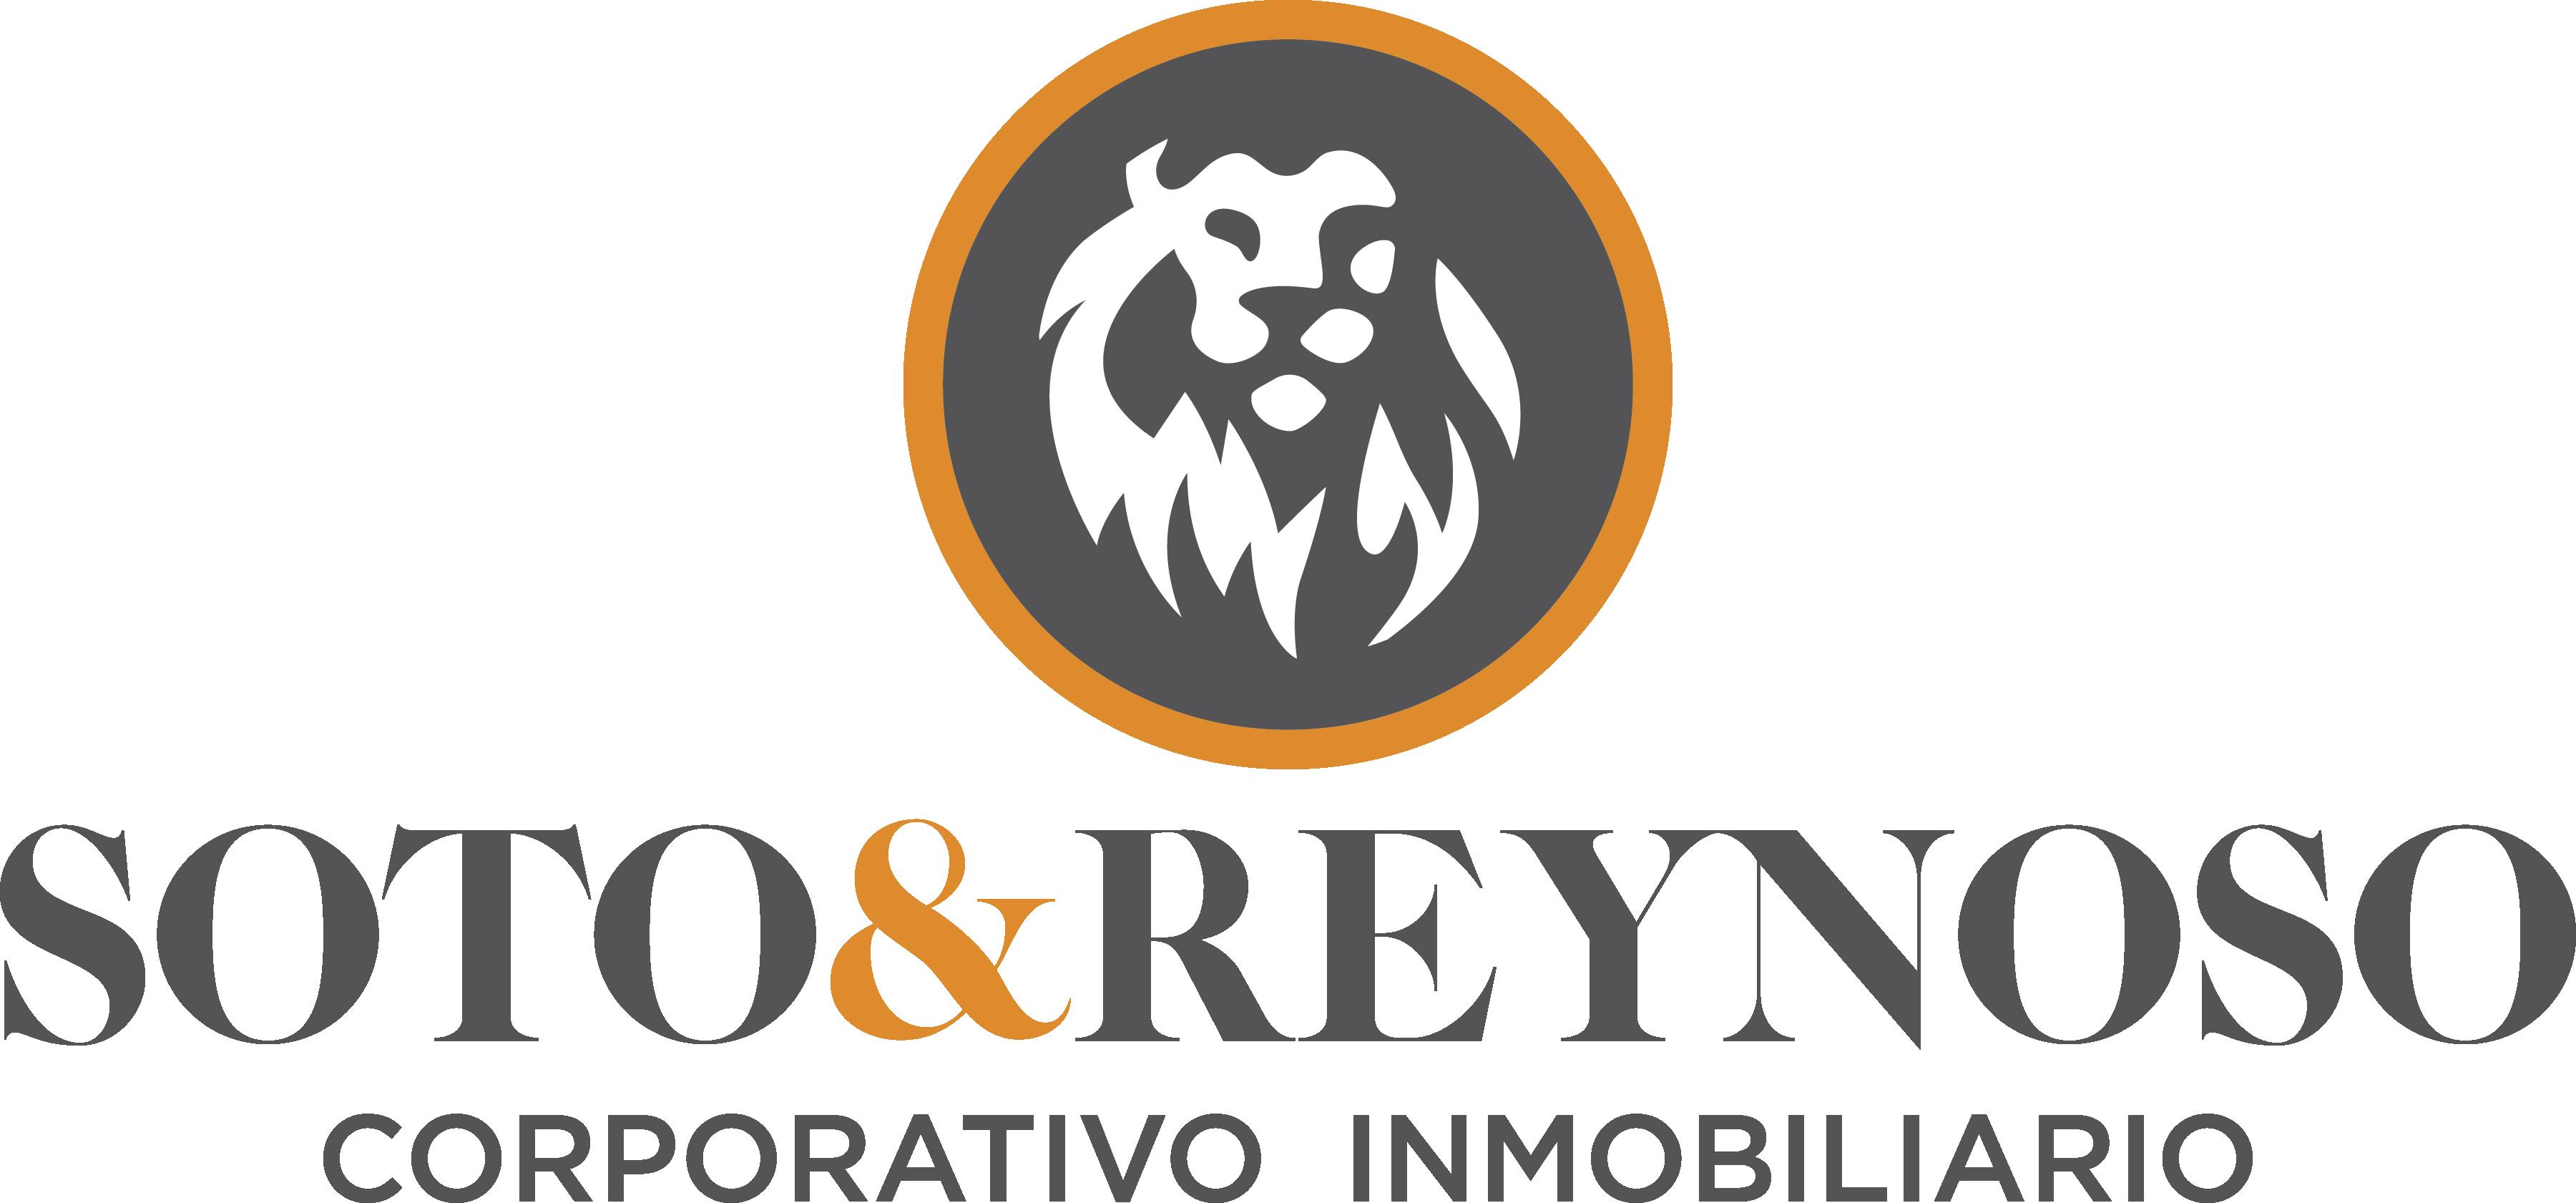 logo_soto_y_reynoso_color.png